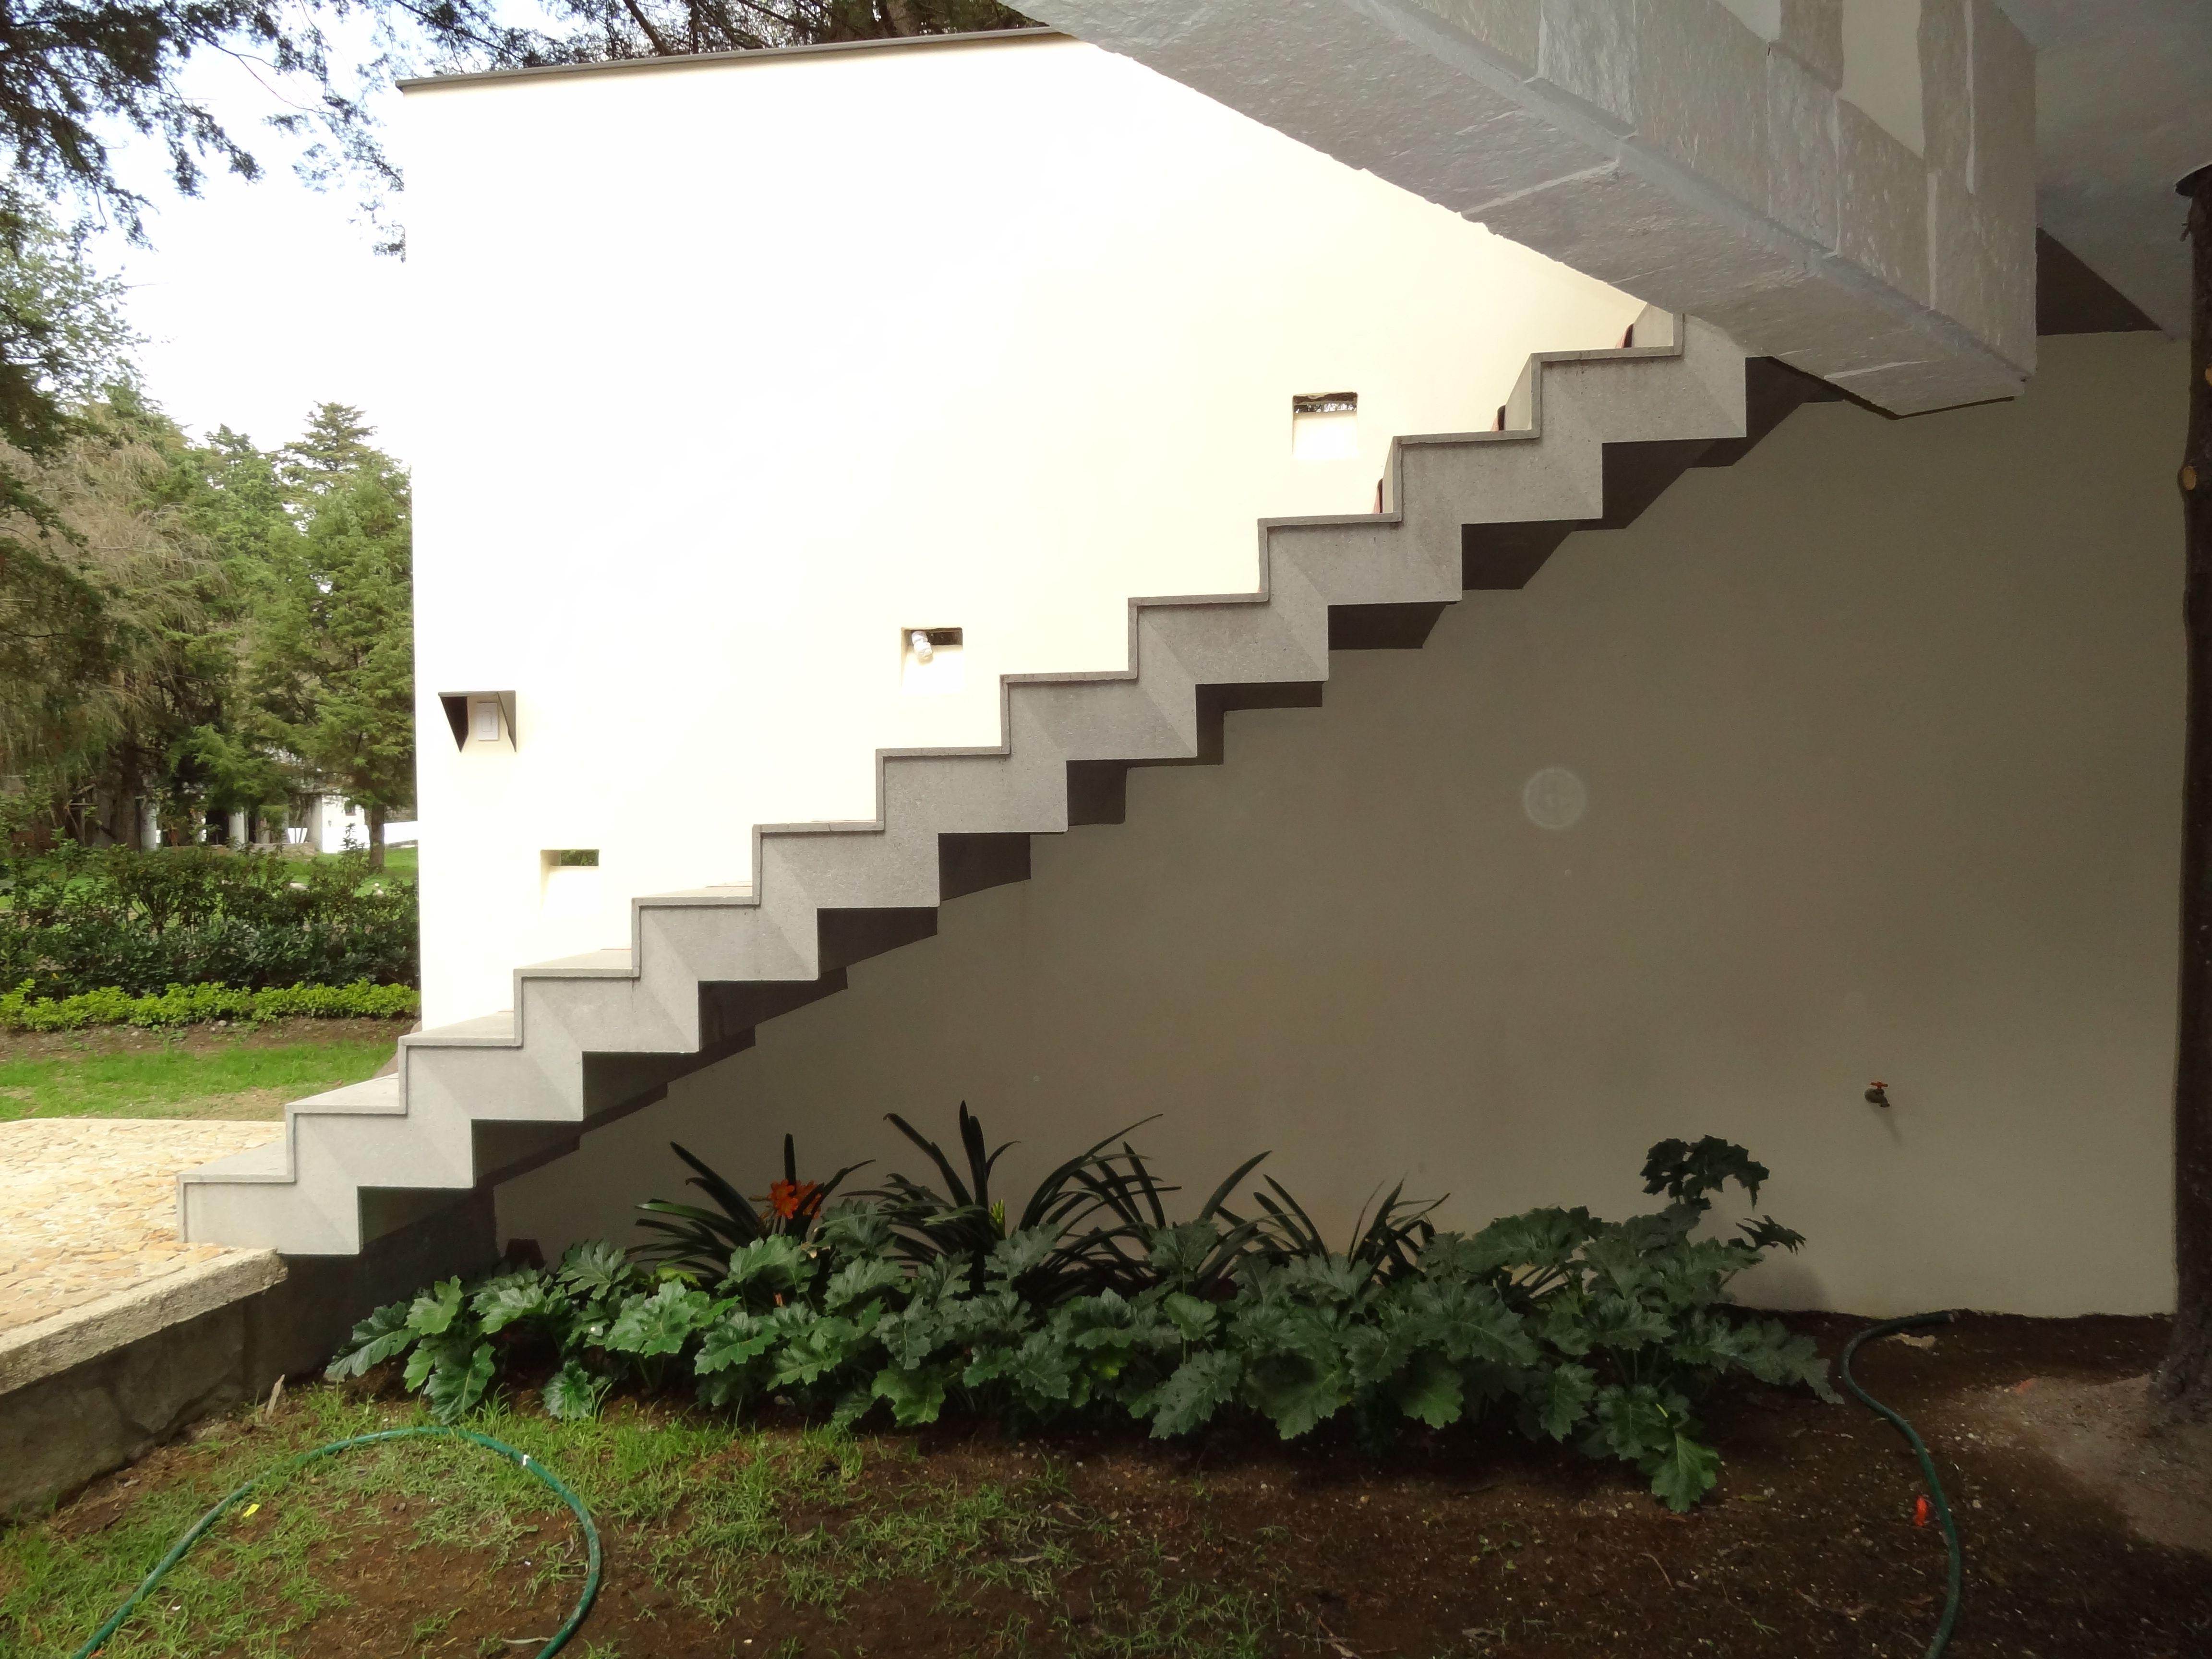 Detalle de acceso el dise o de la escalera esta fabricada - Diseno de escaleras ...